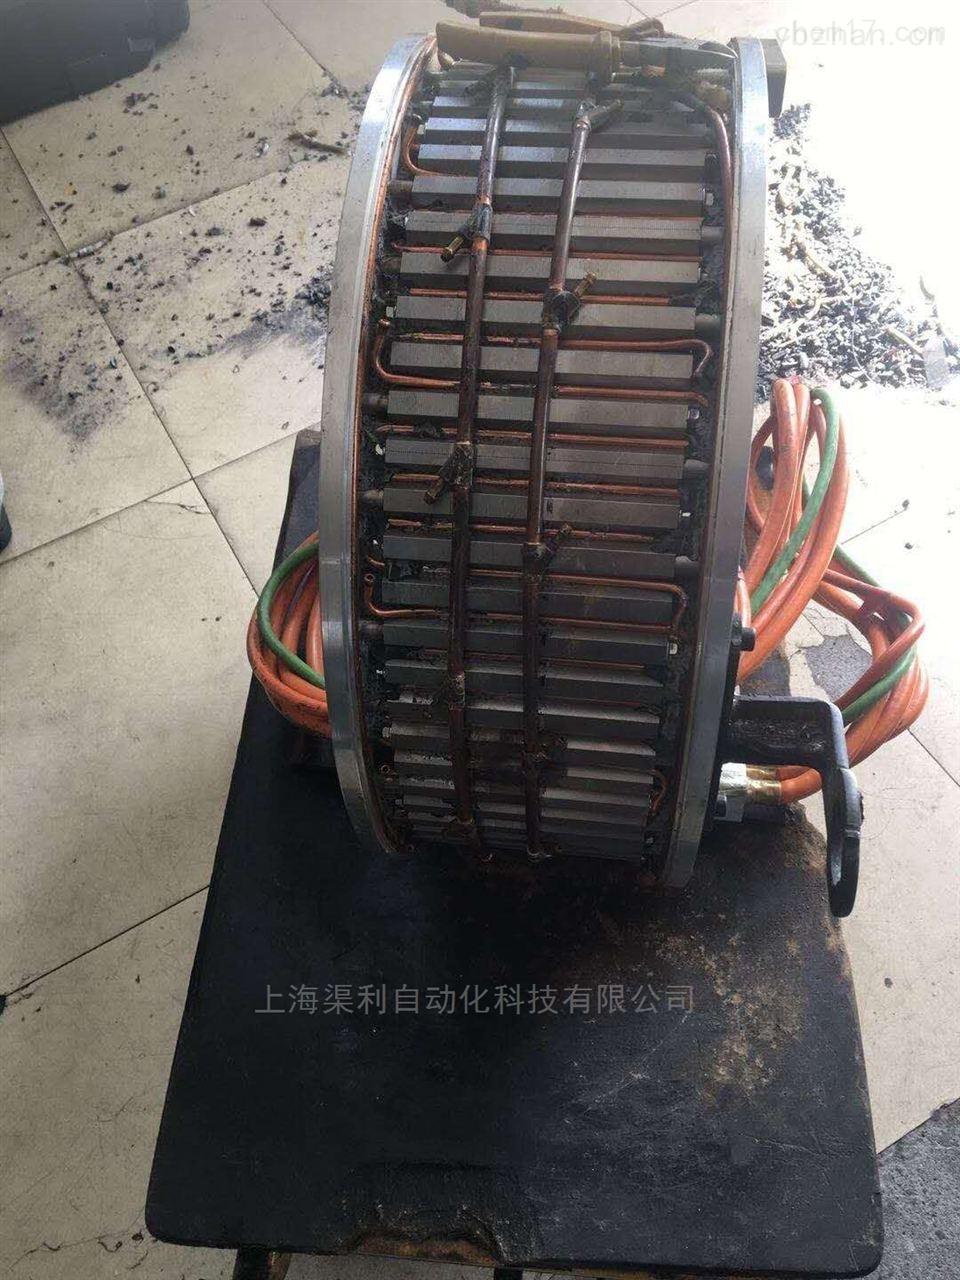 镇江西门子828D系统主轴电机更换轴承-当天检测提供维修